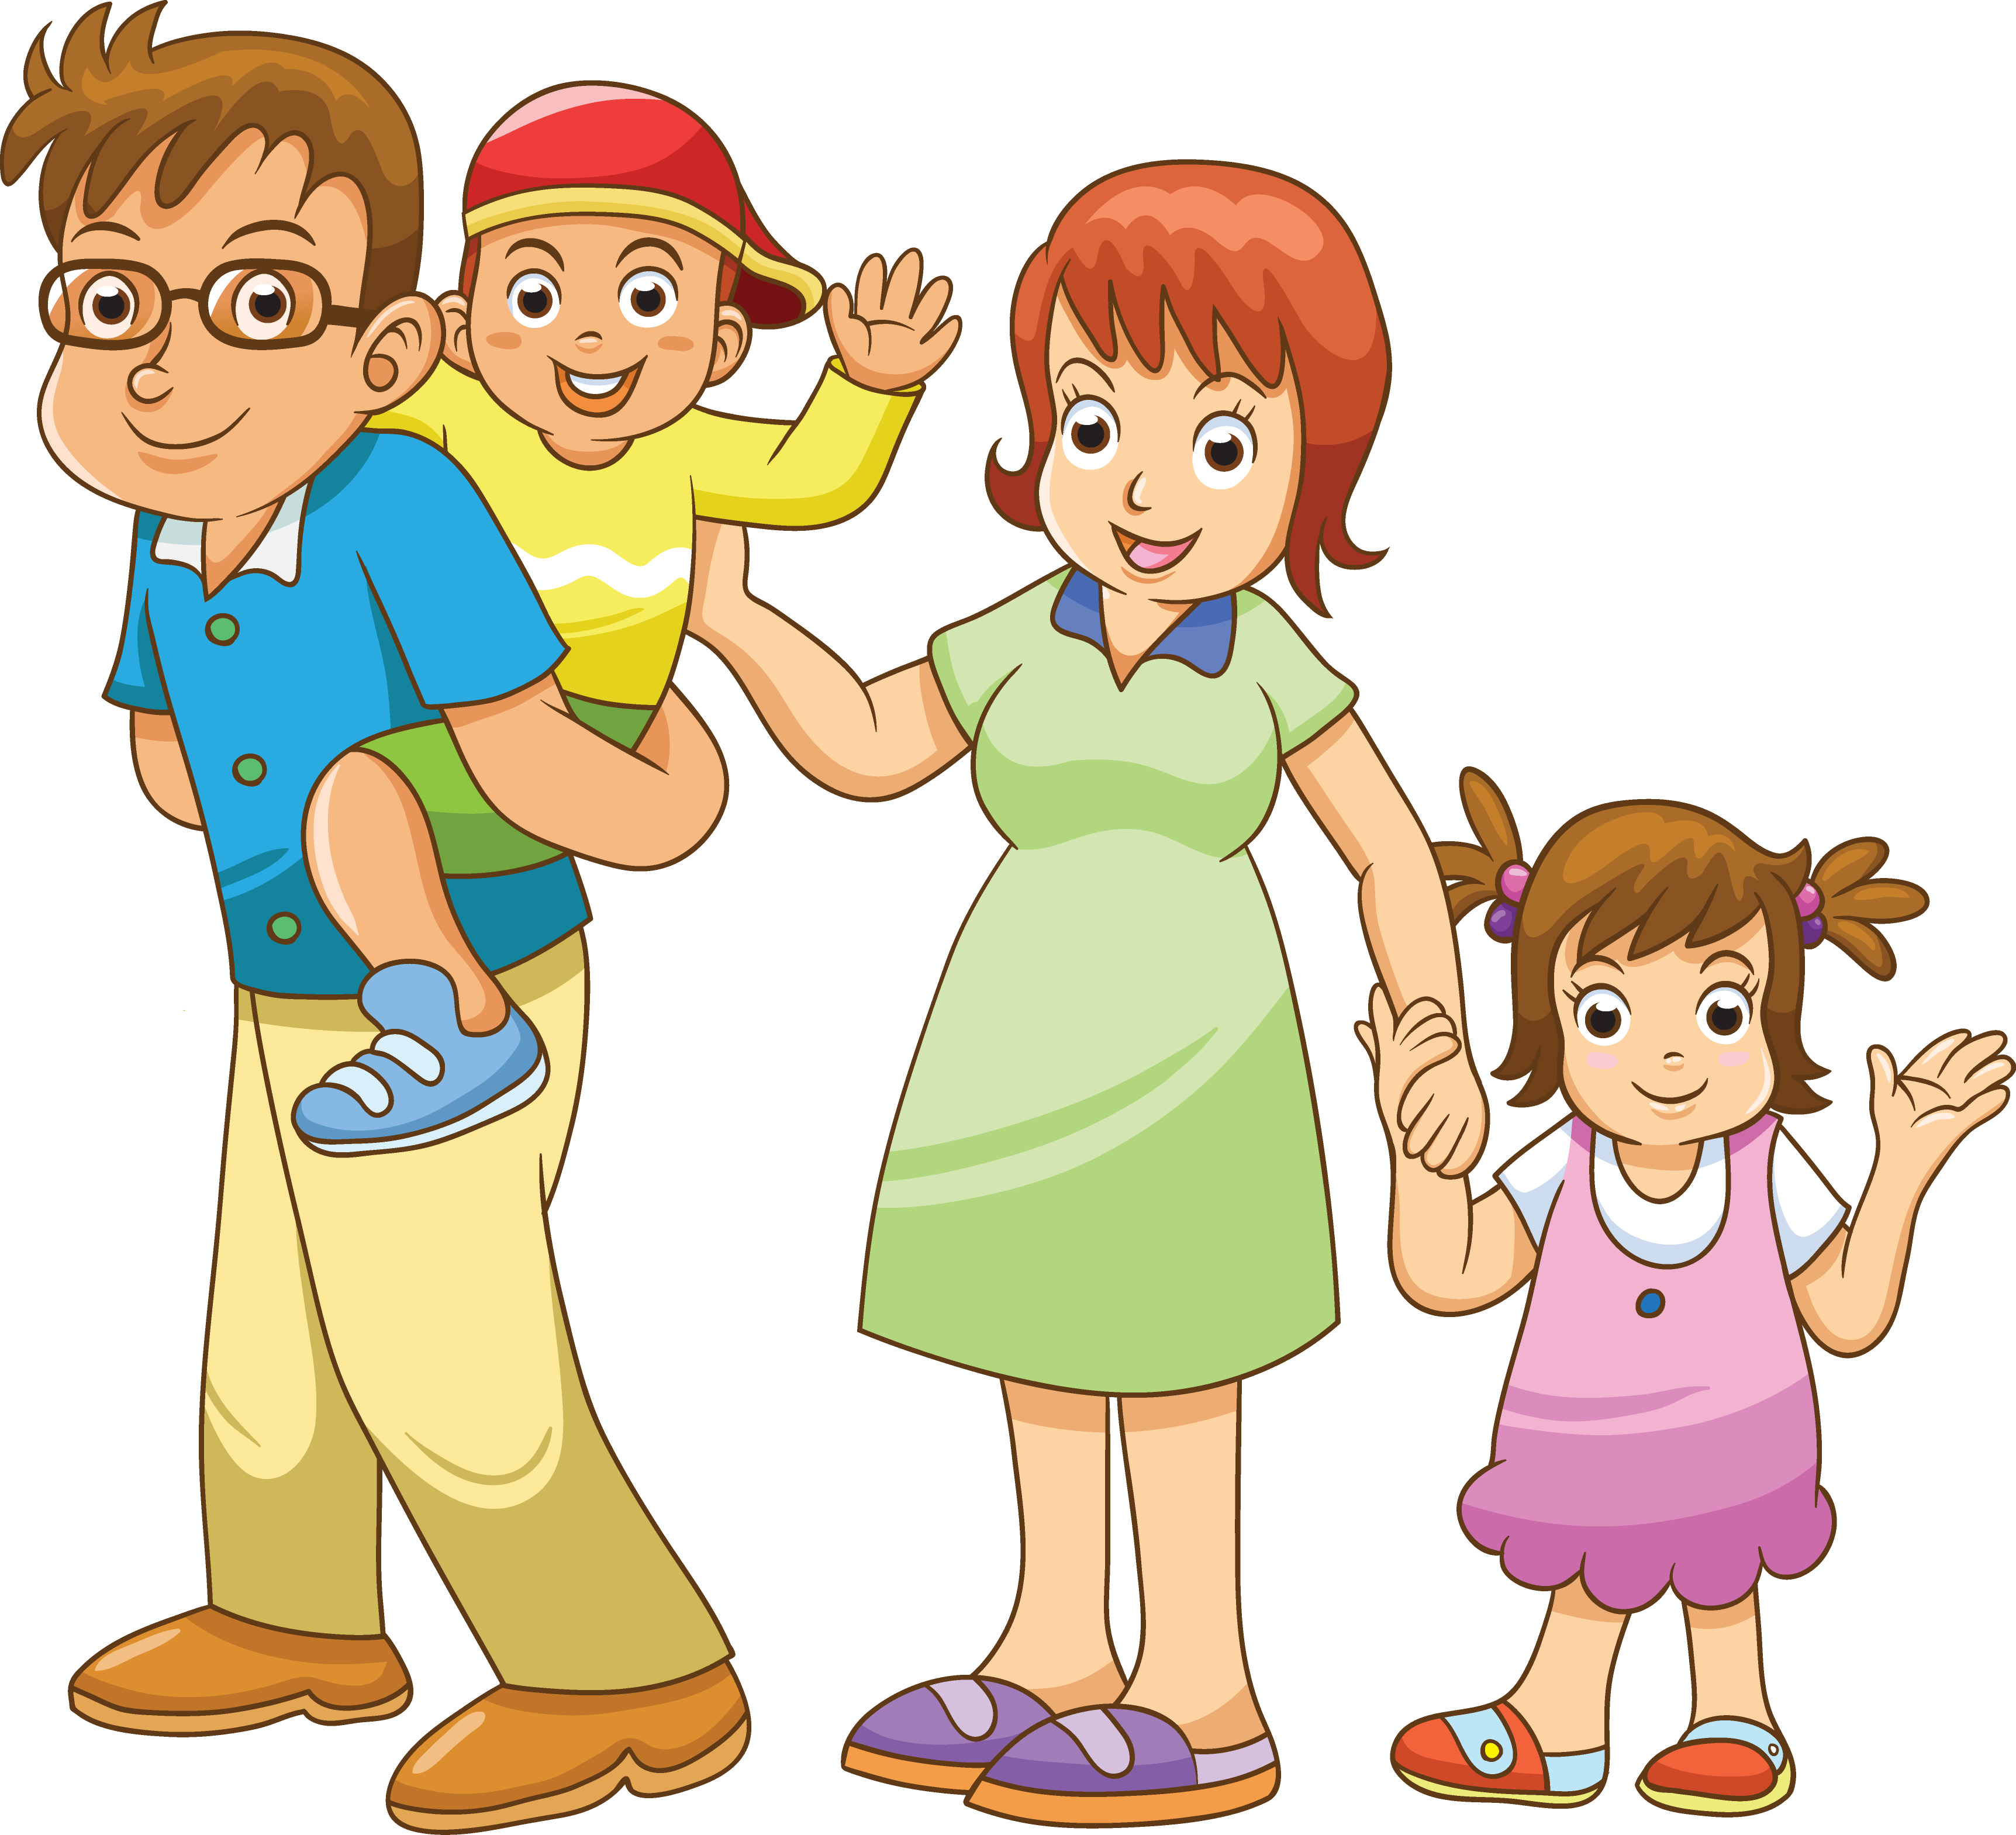 Открытки днем, картинки анимации семья для детей